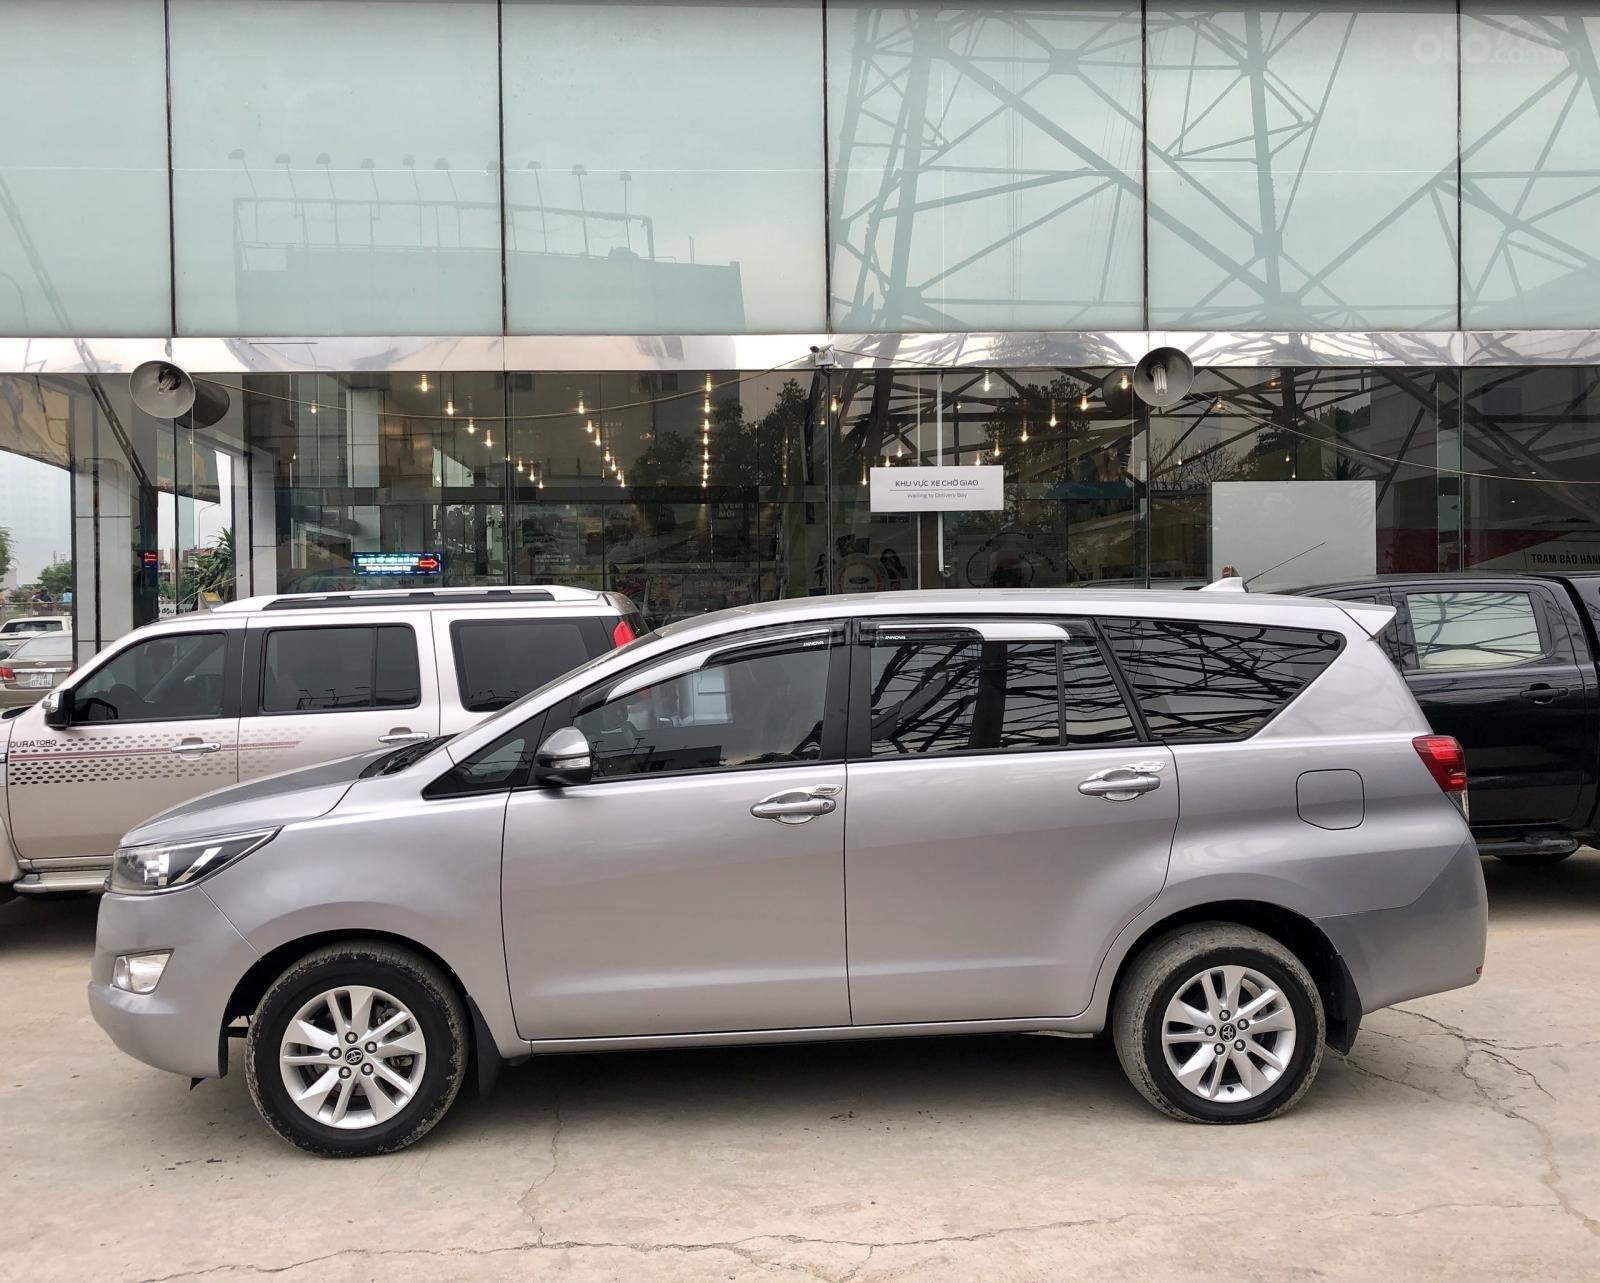 Bán Innova MT 2017, xe bán tại hãng Western Ford có bảo hành-4